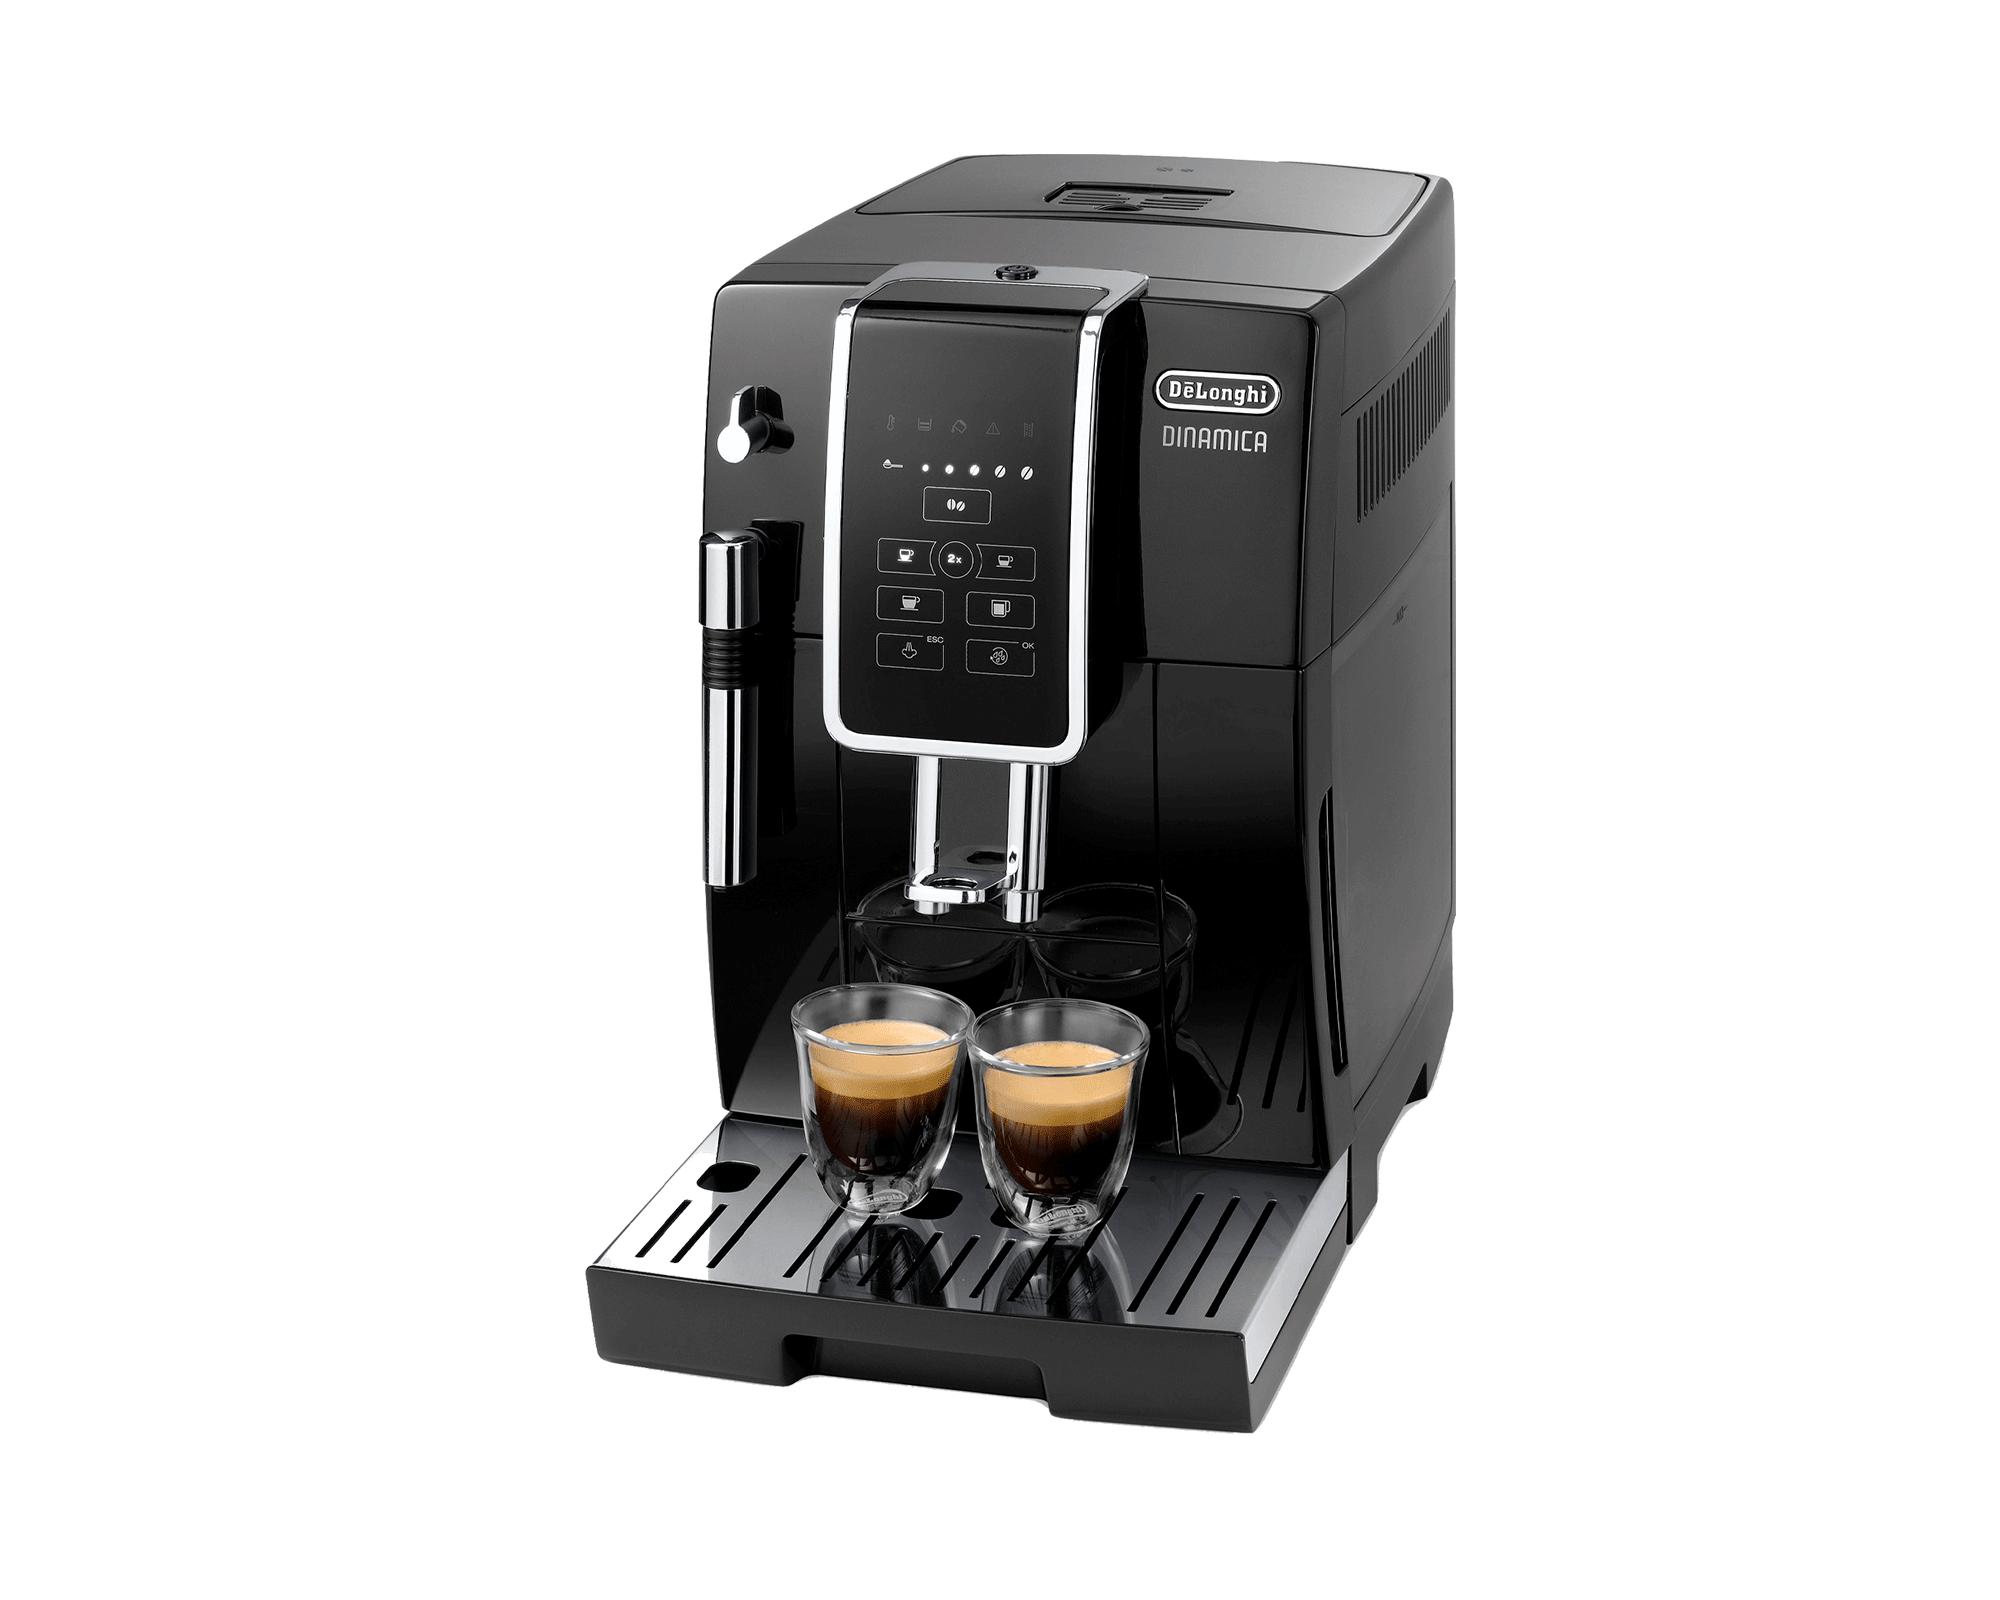 Café soluble, mélange de pur arabica biologiques et équitables - Café Michel